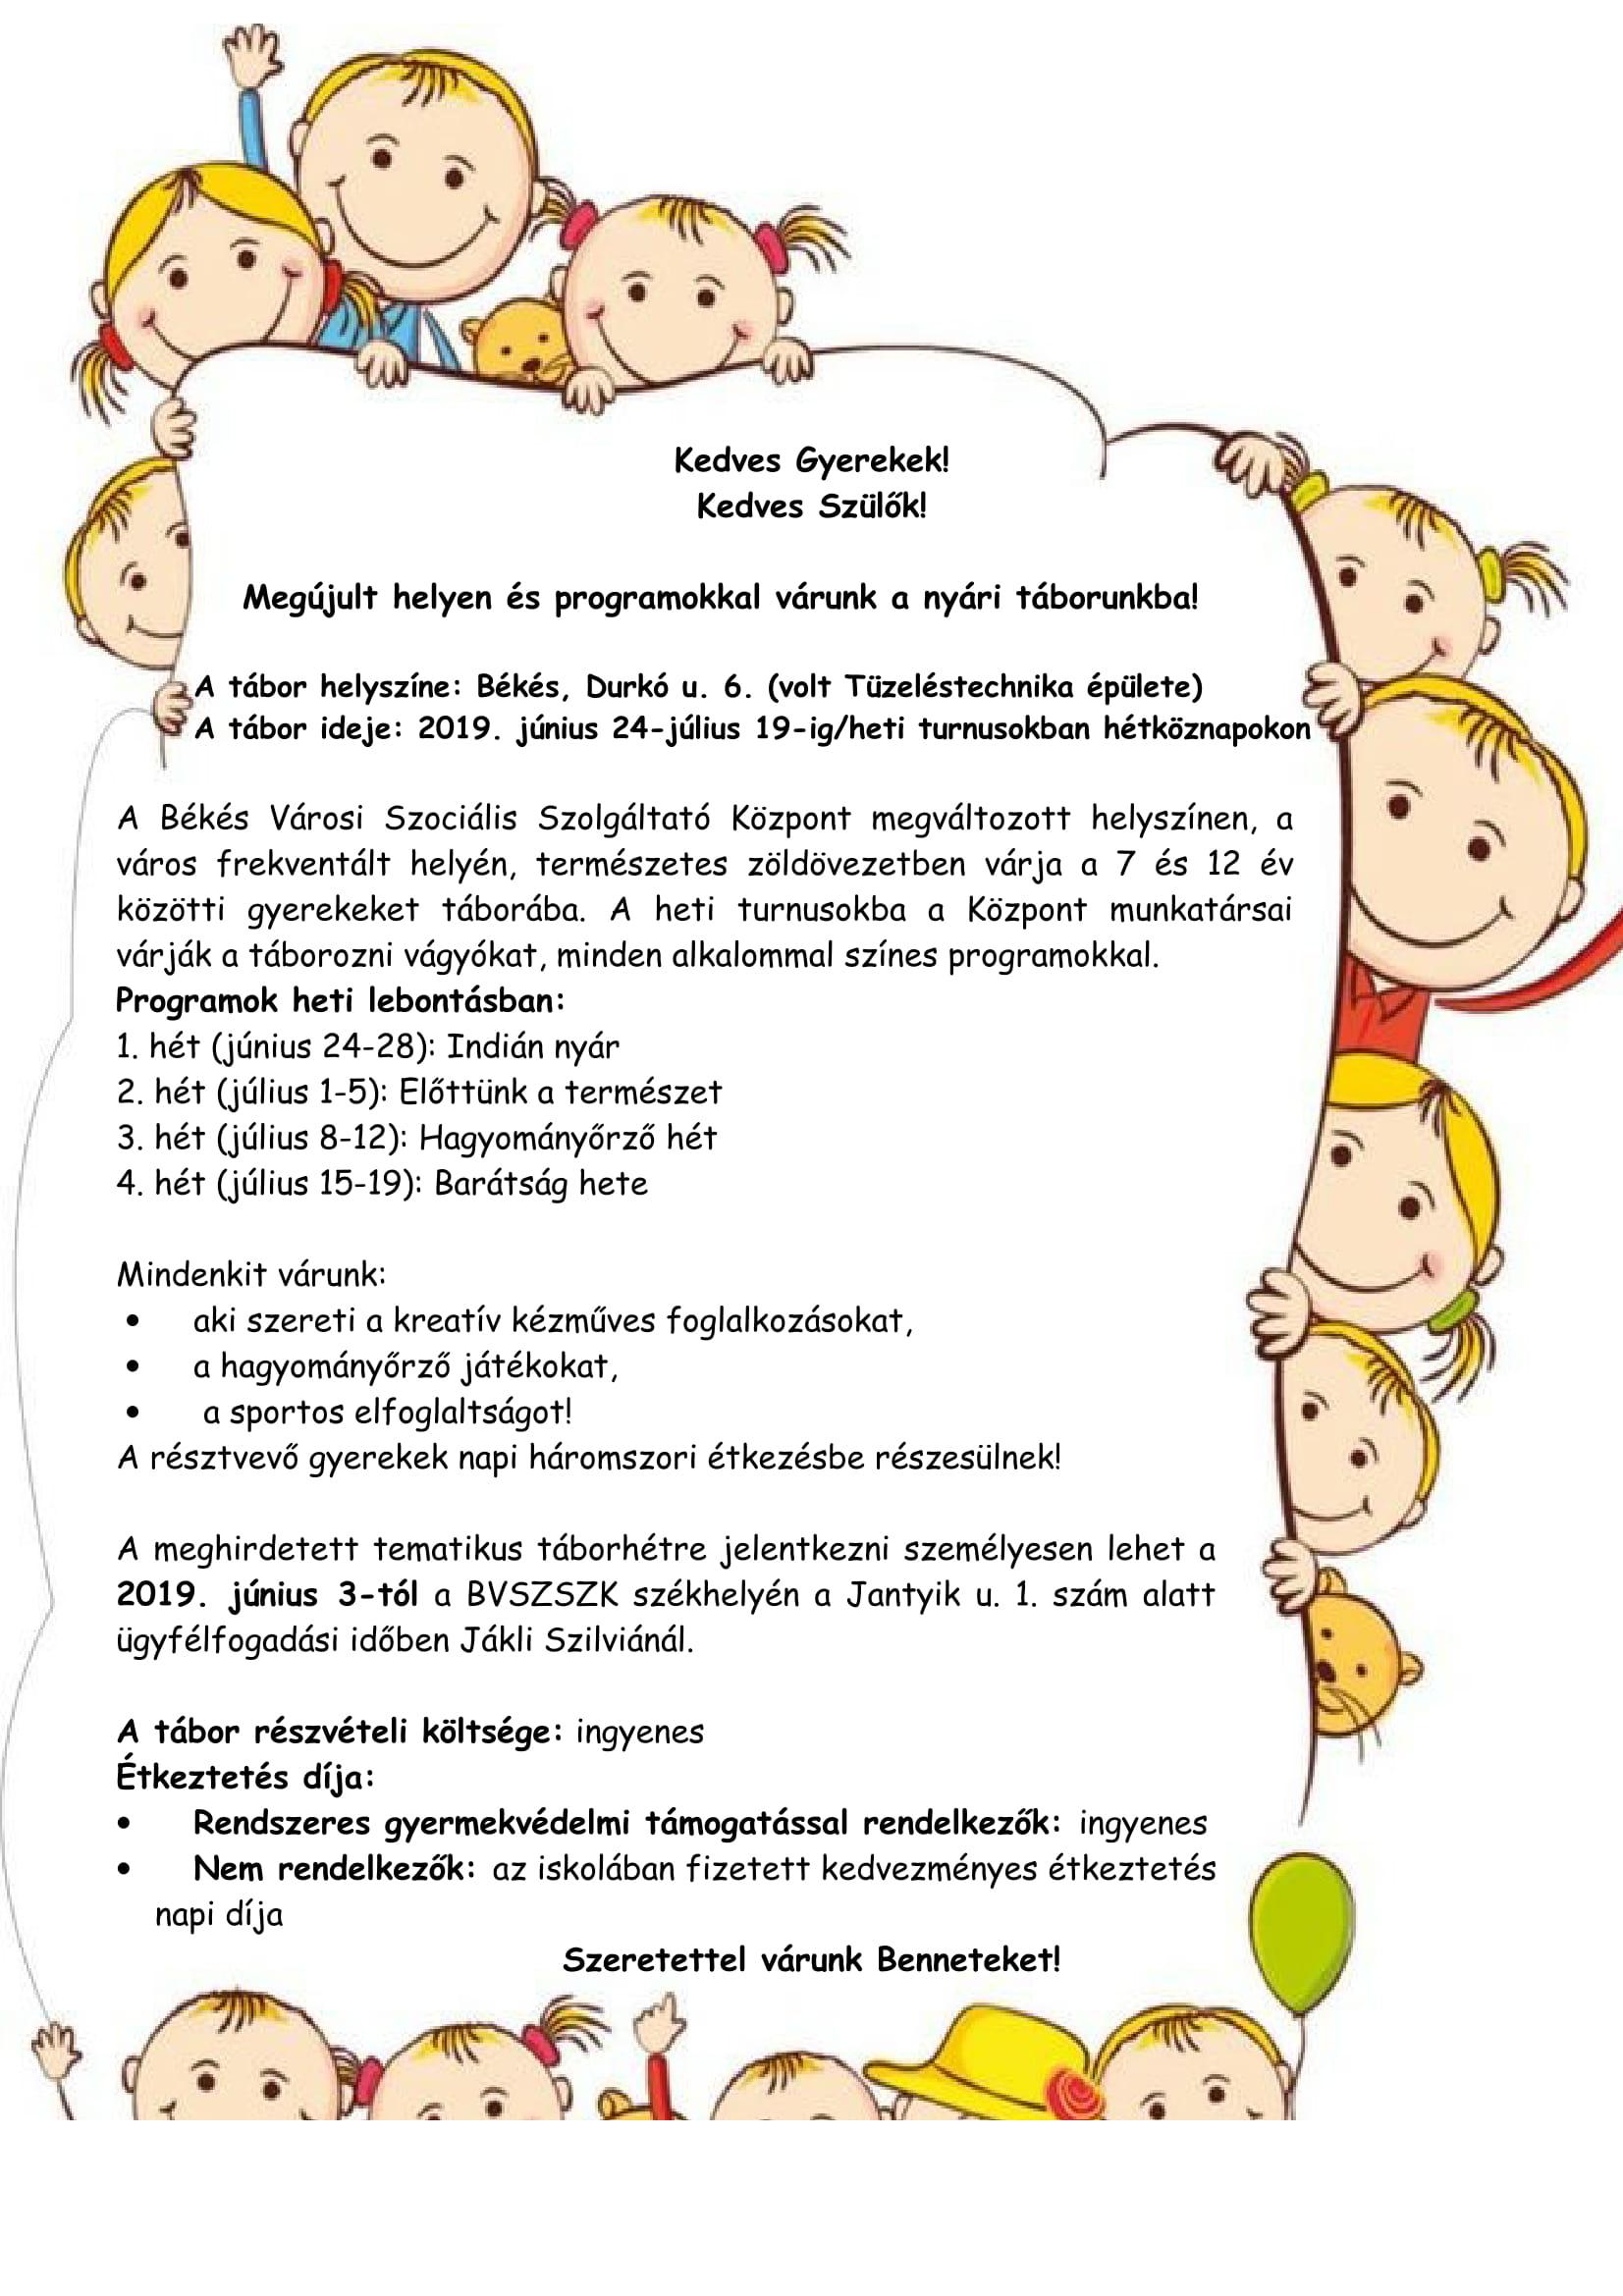 66478e7a68 Kedves Gyerekek! Kedves Szülők!